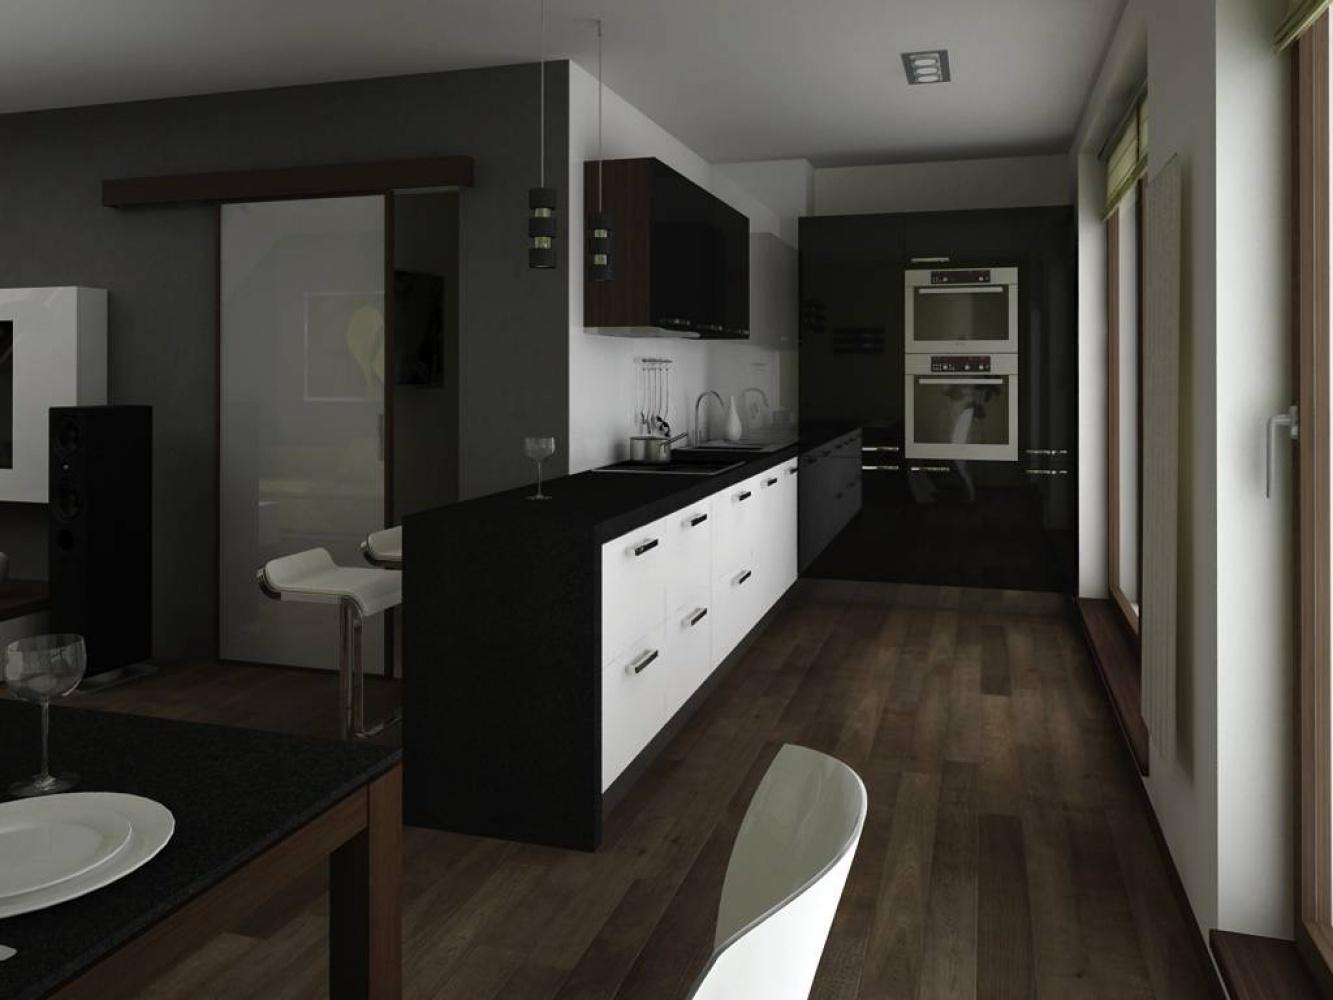 Půdní byt 1+kk, plocha 16 m², ulice Šmilovského, Praha 2 - Vinohrady | 3